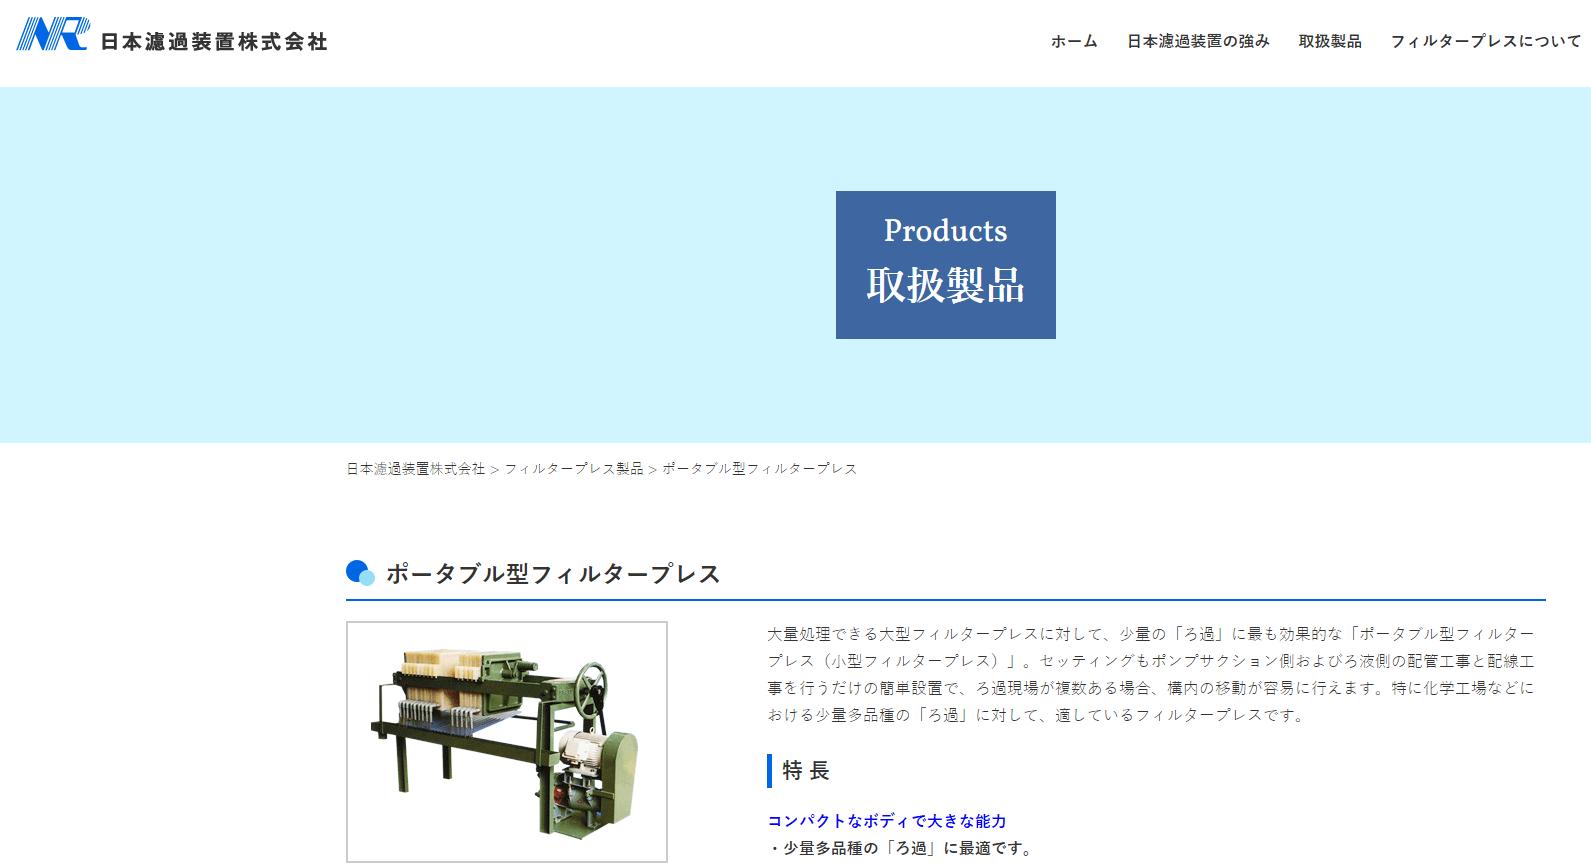 ポータブル型フィルタープレス